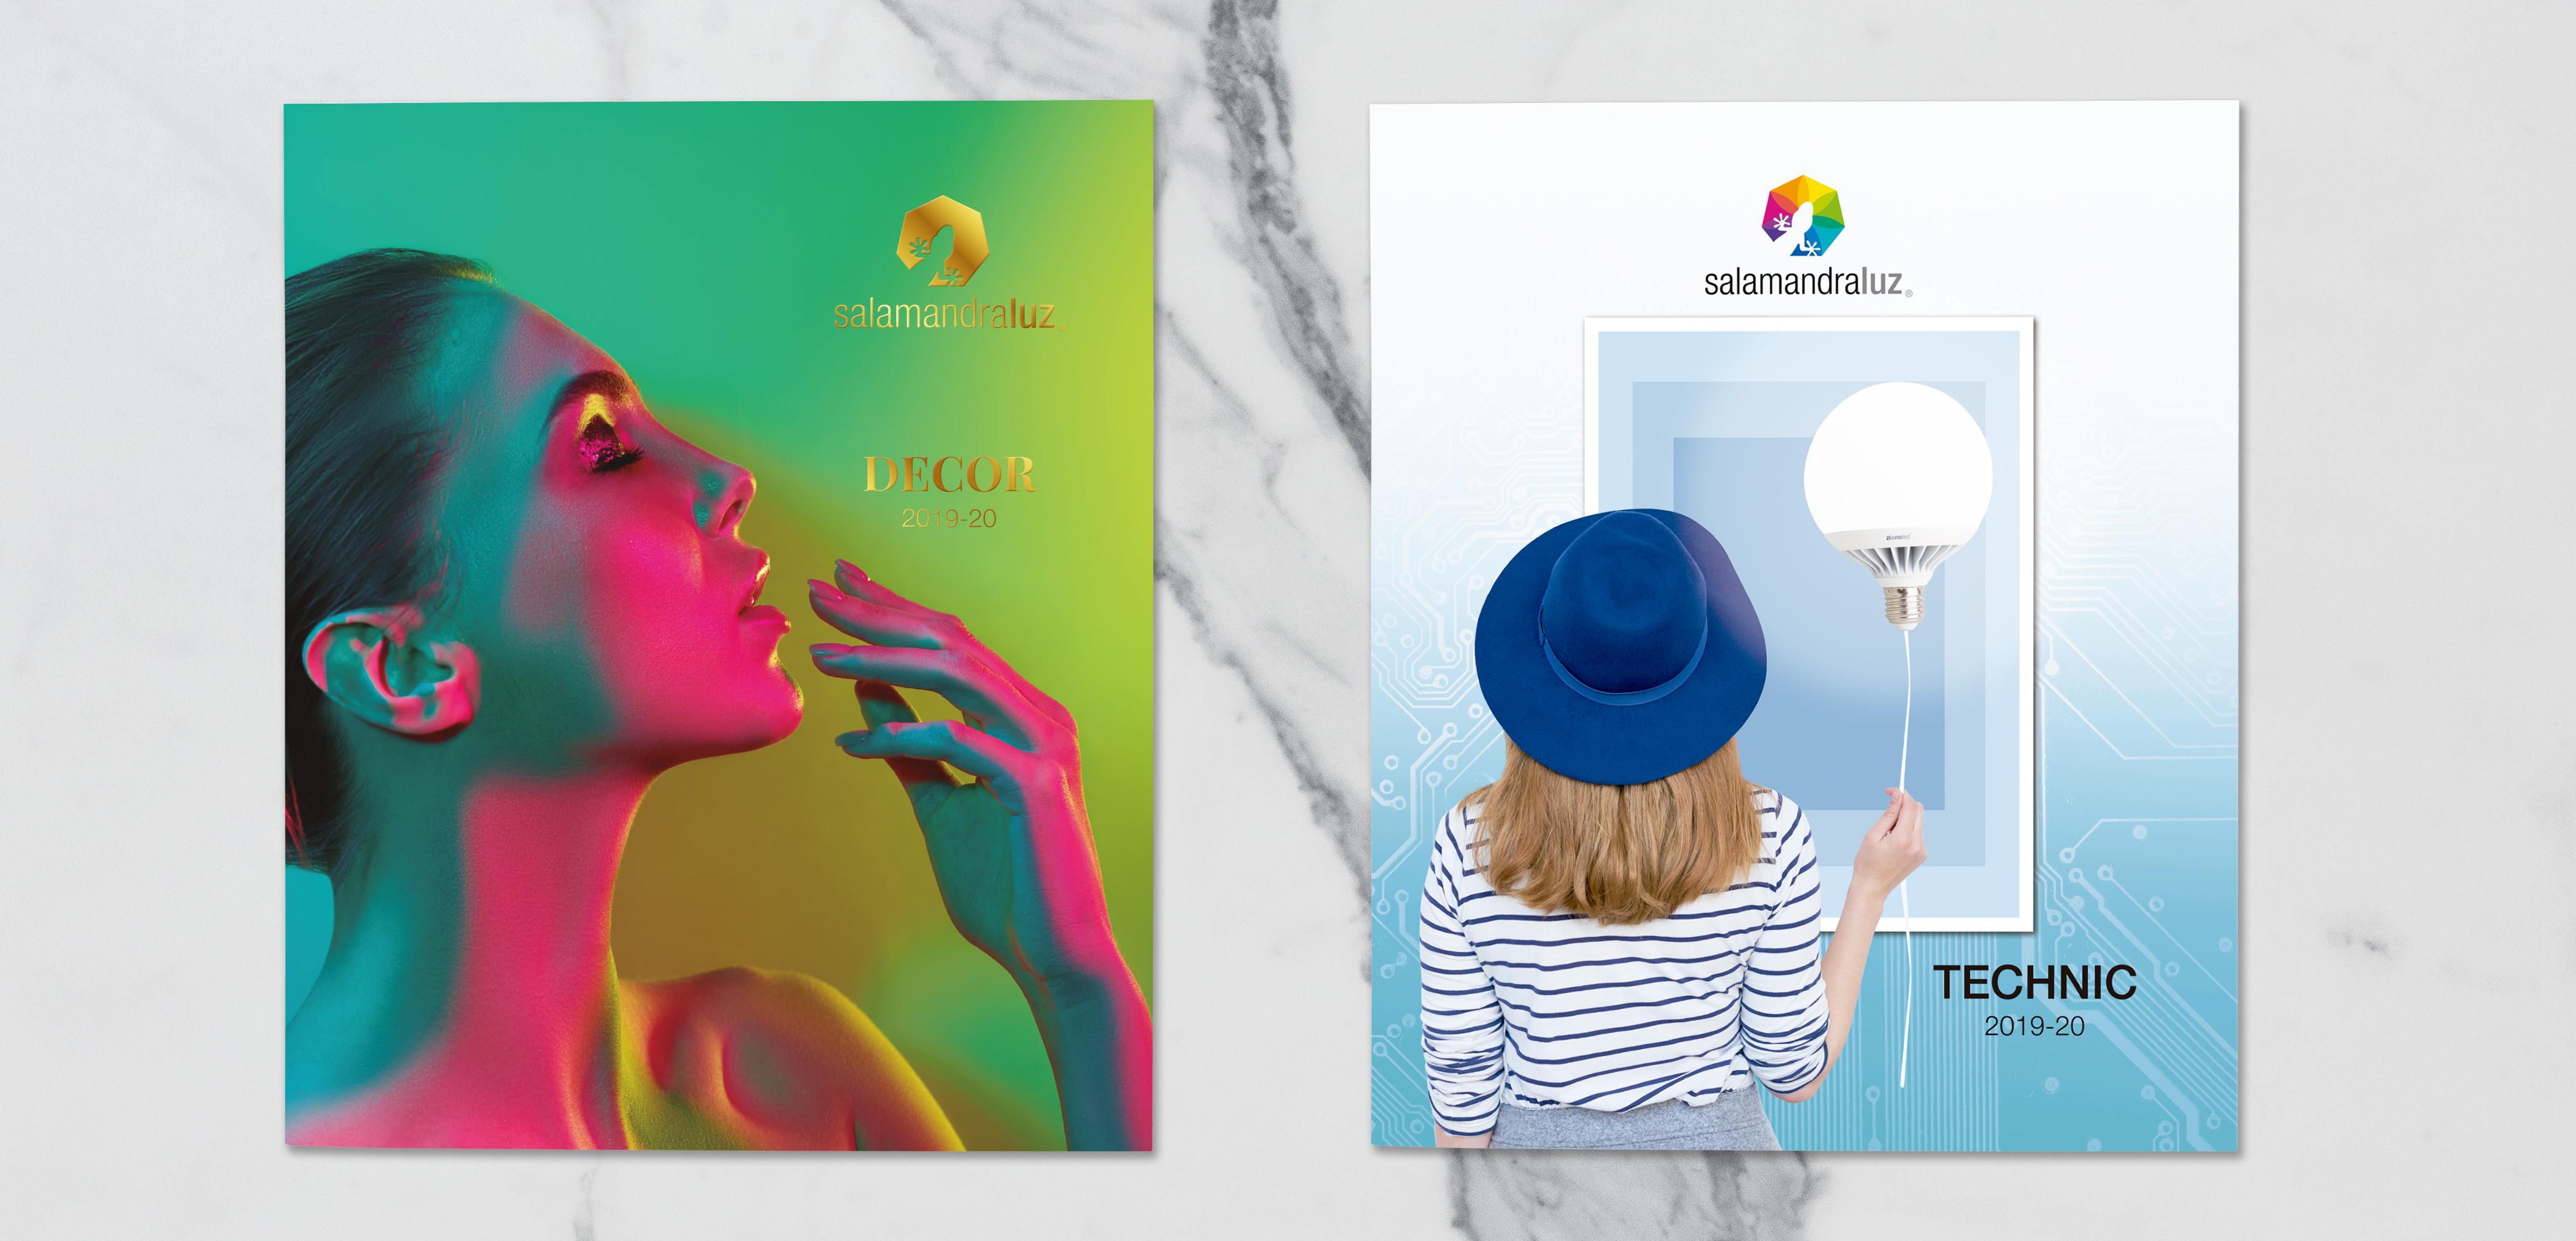 Catálogo 2019-20